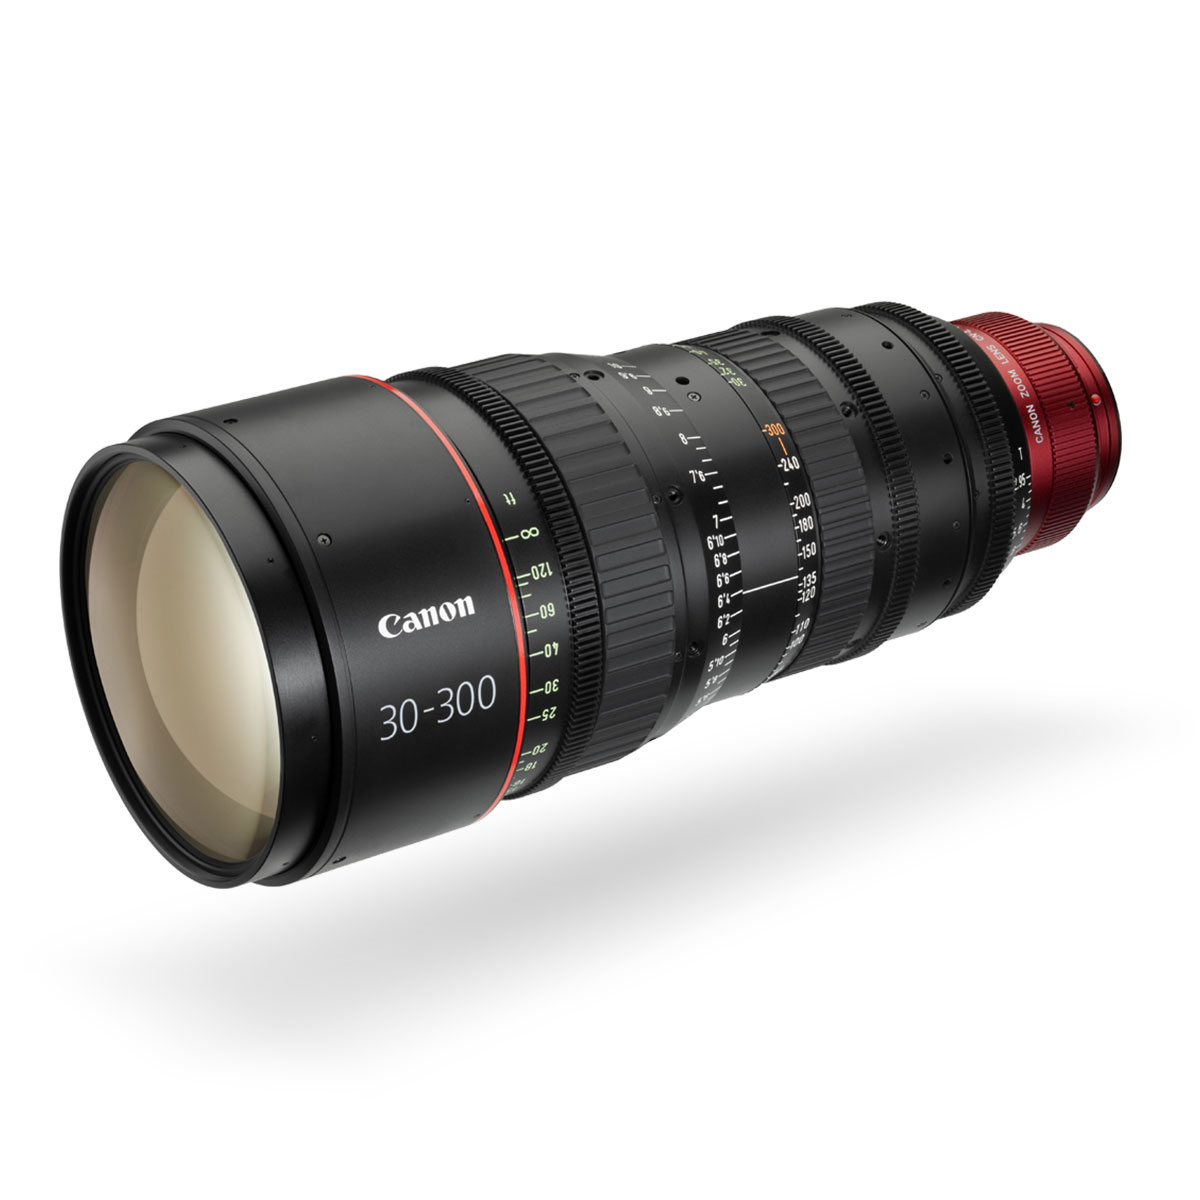 cn-e30–300mm-t2.95–3.7-l-s-sp-hero